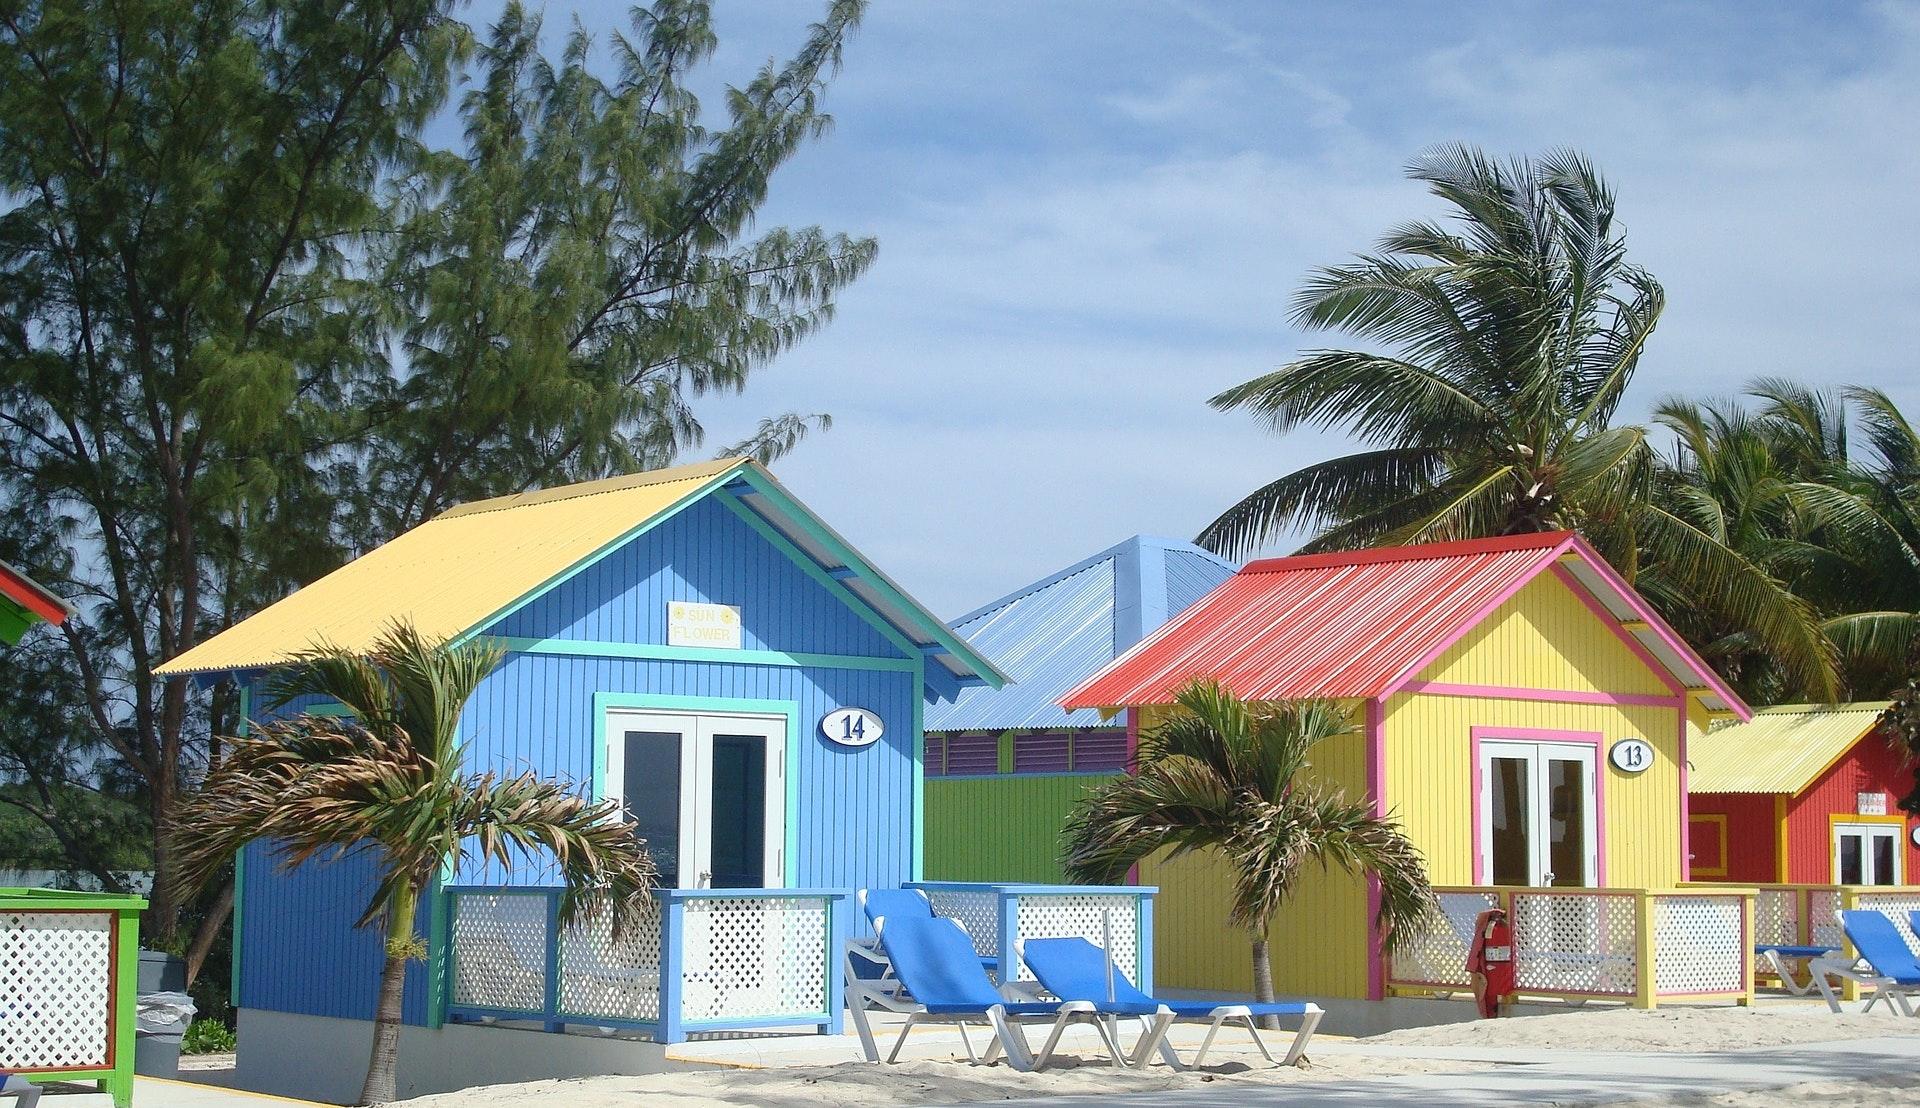 Vakre Bahamas © cgordon8527, Pixabay